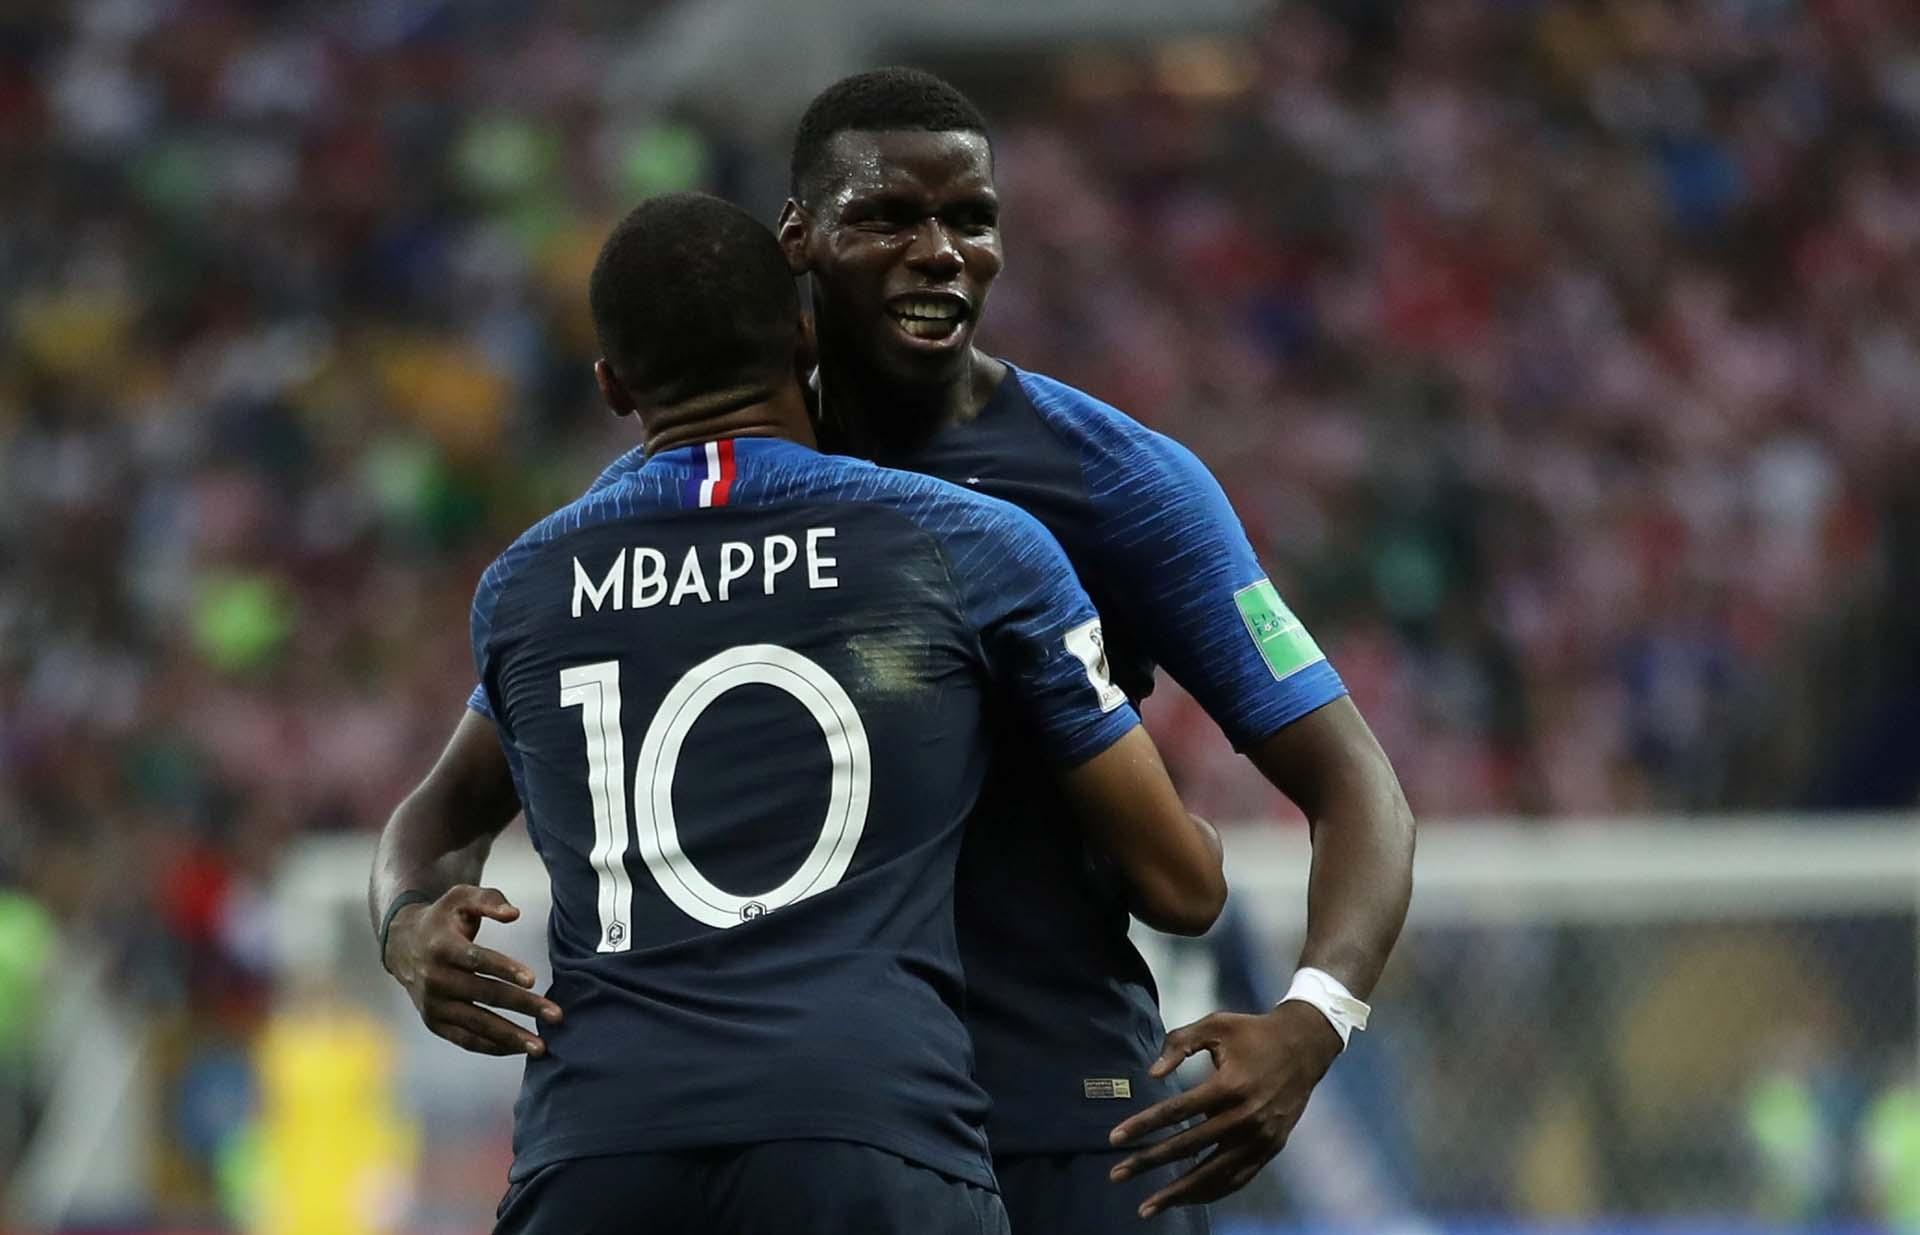 El abrazo de Mbappé y Pogba